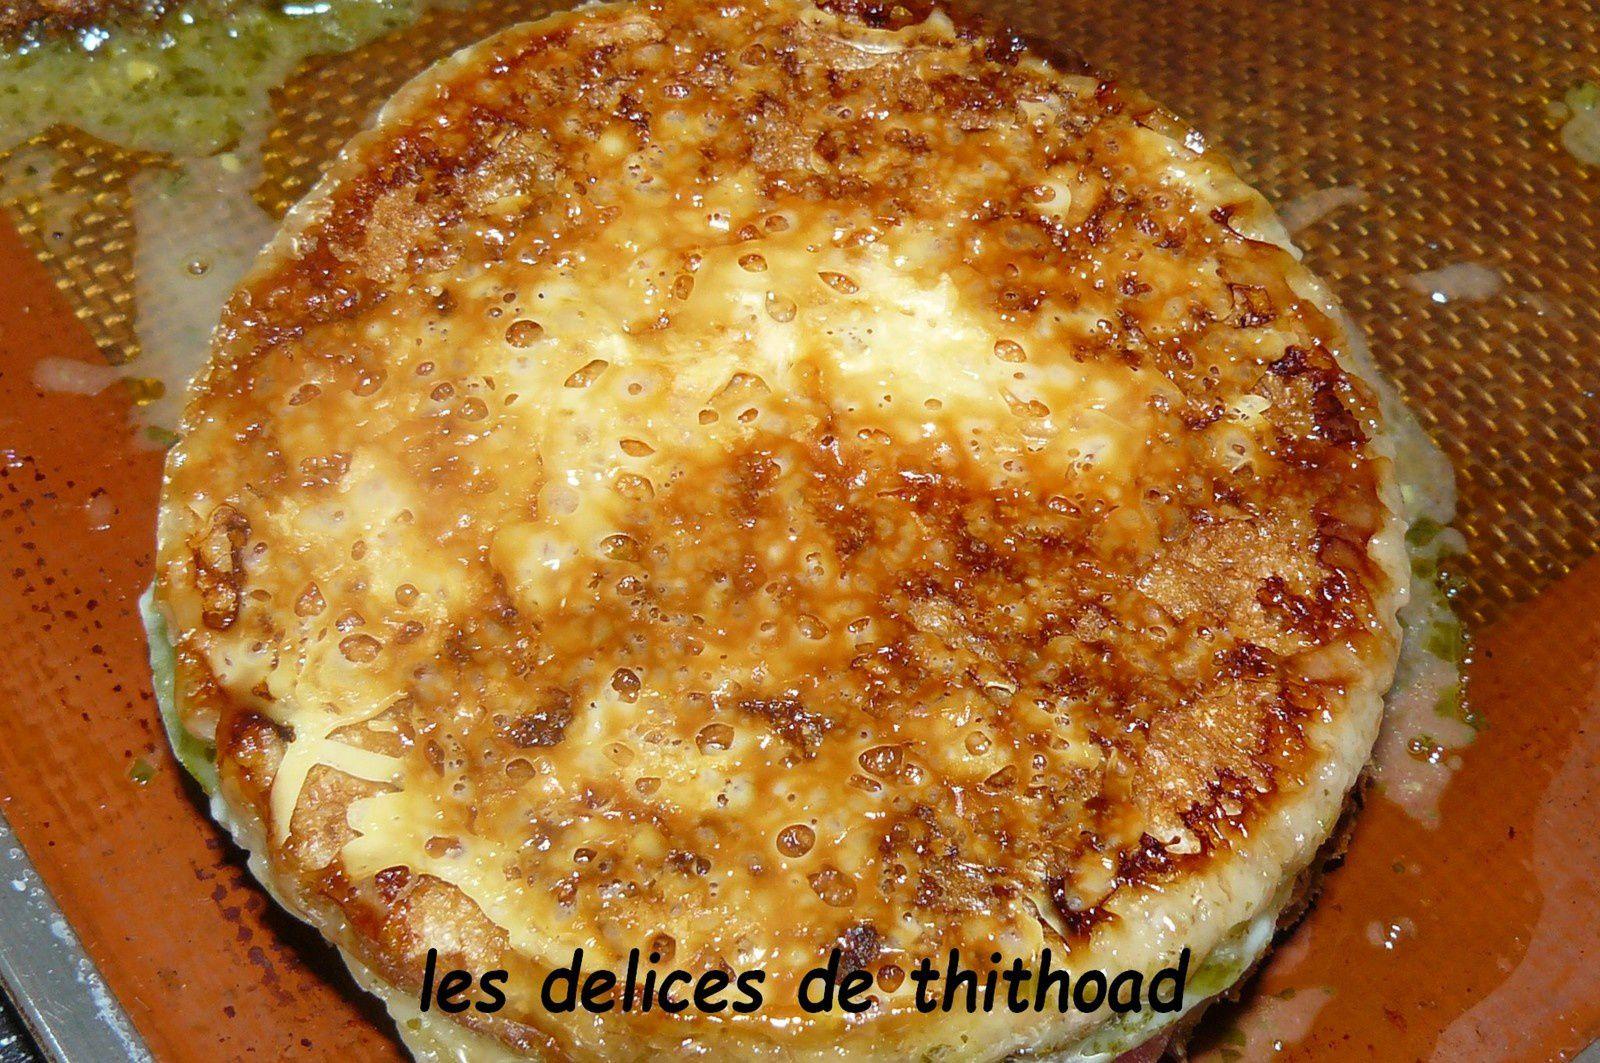 croque monsieur courgette, pesto et fromage de chèvre